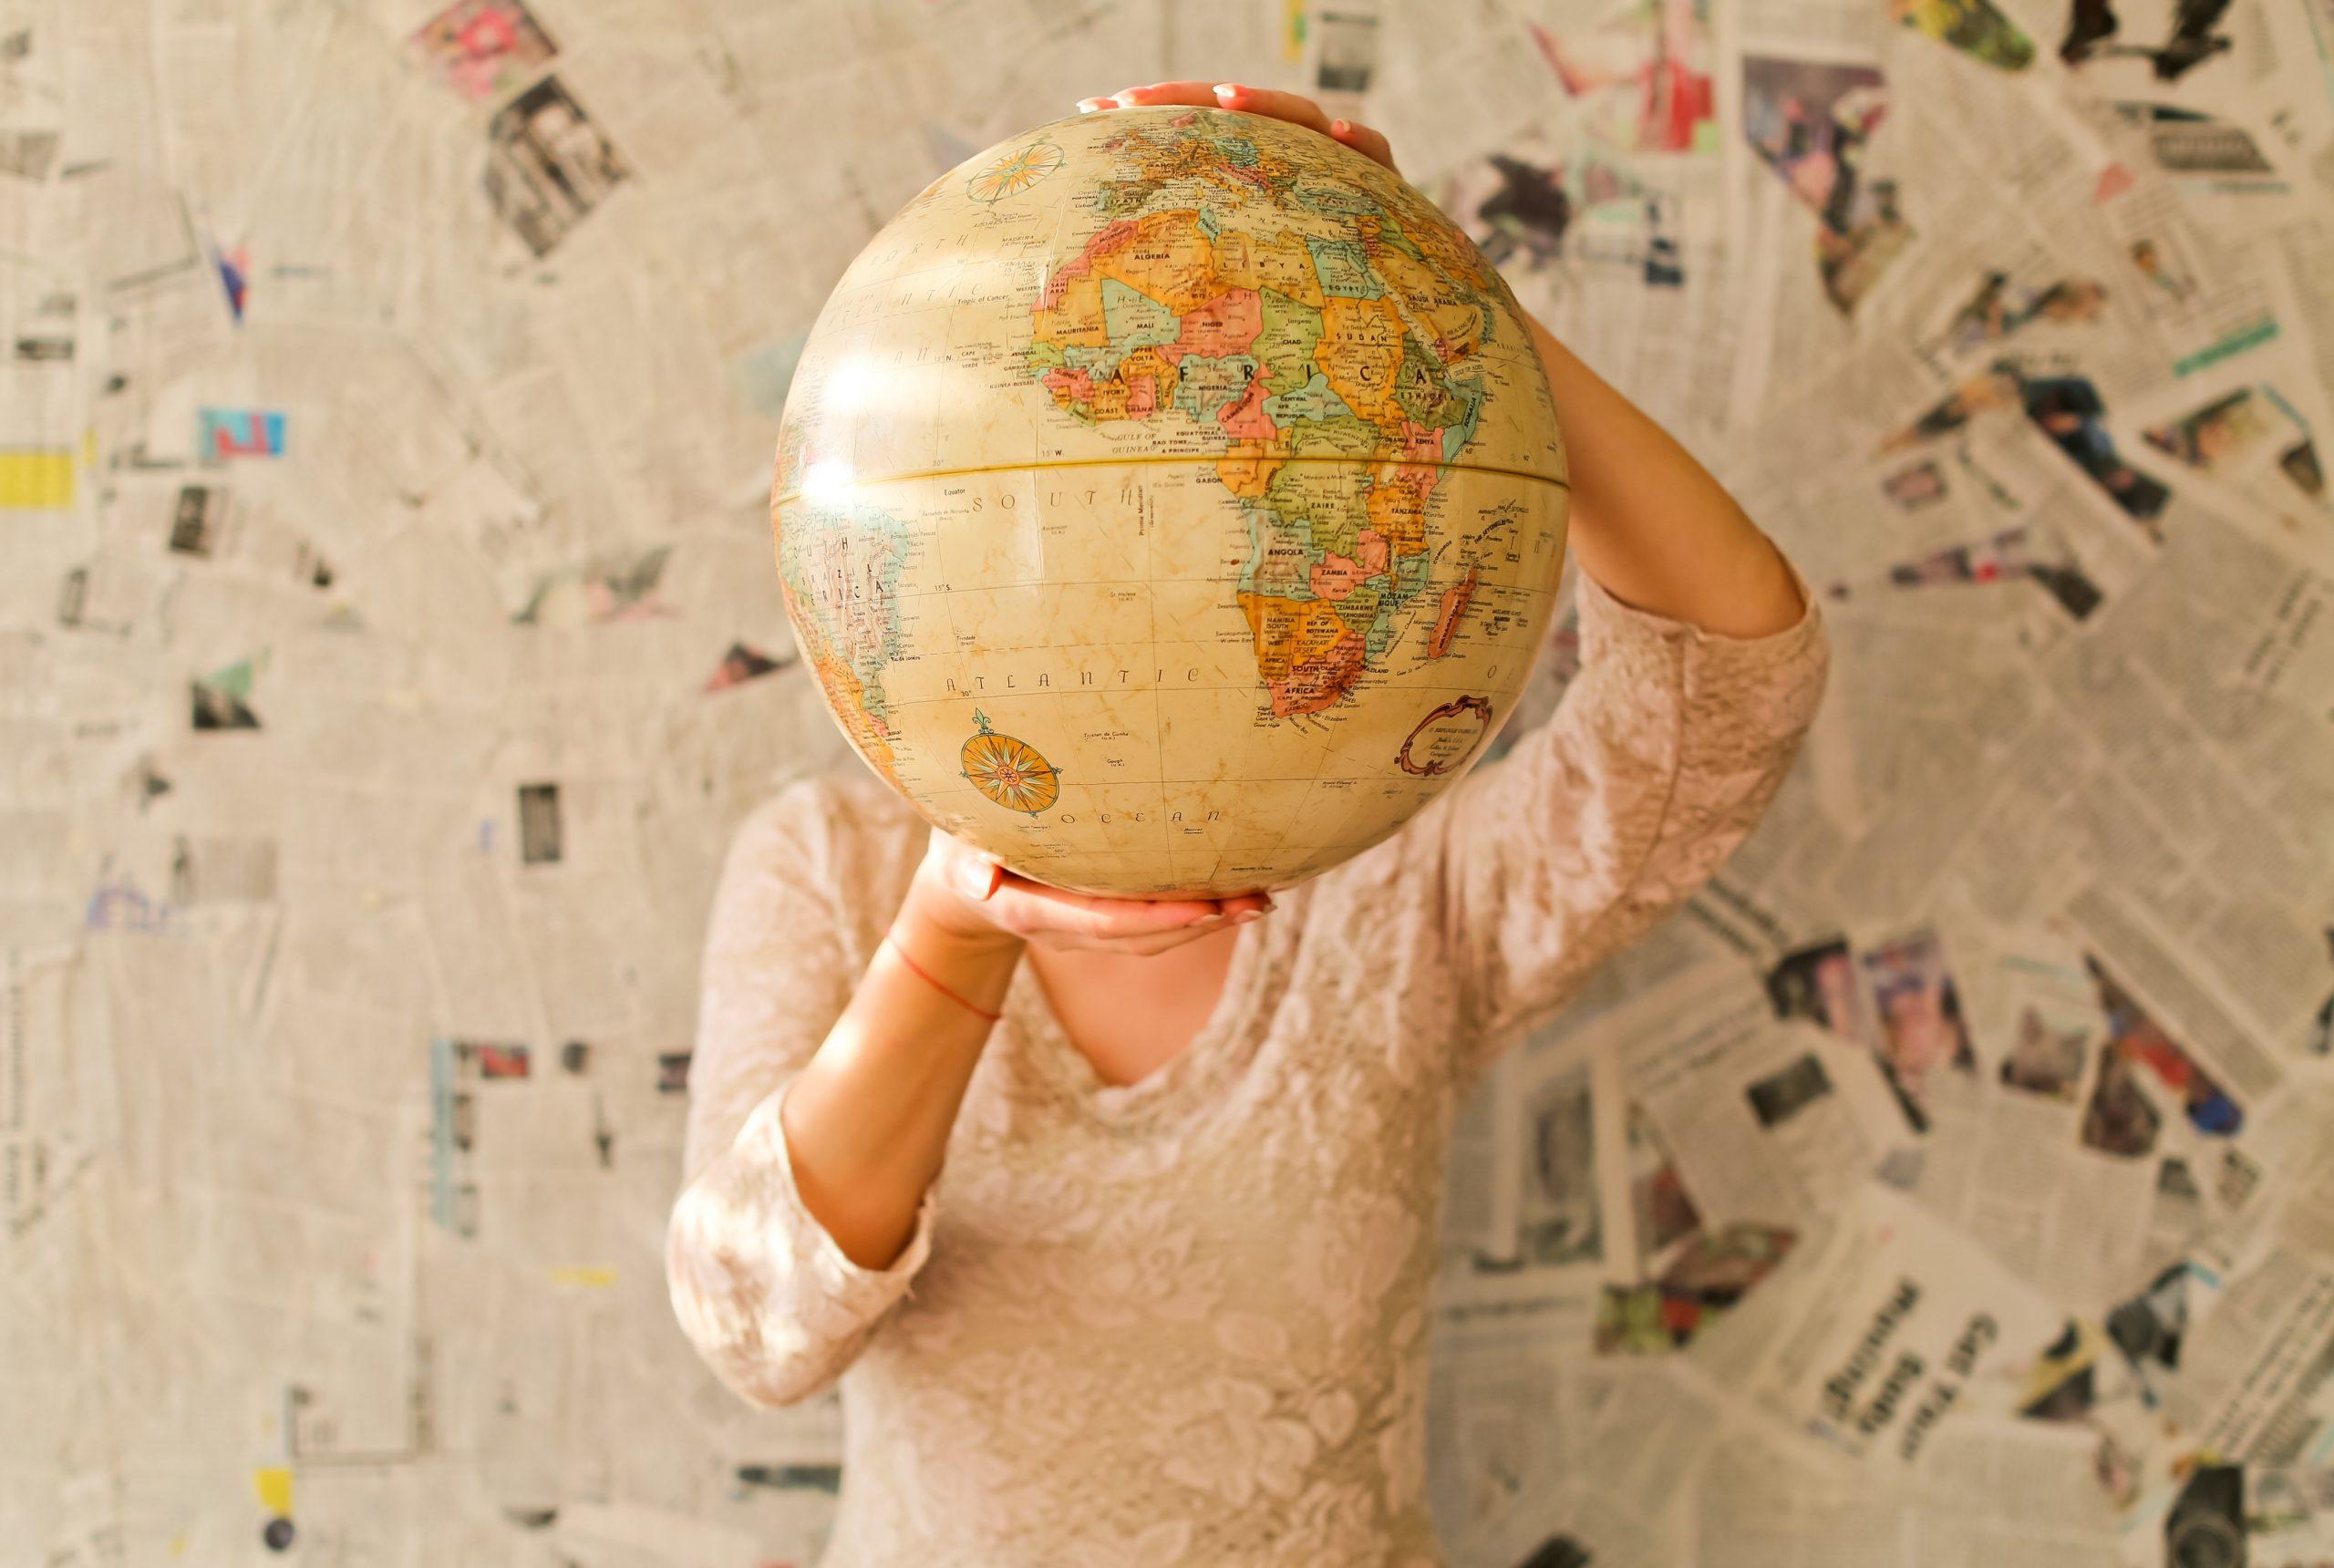 Imagen de una mujer sujetando un mapa mundi para acompañar el articulo sobre Global Food de Degusta Santa Cruz